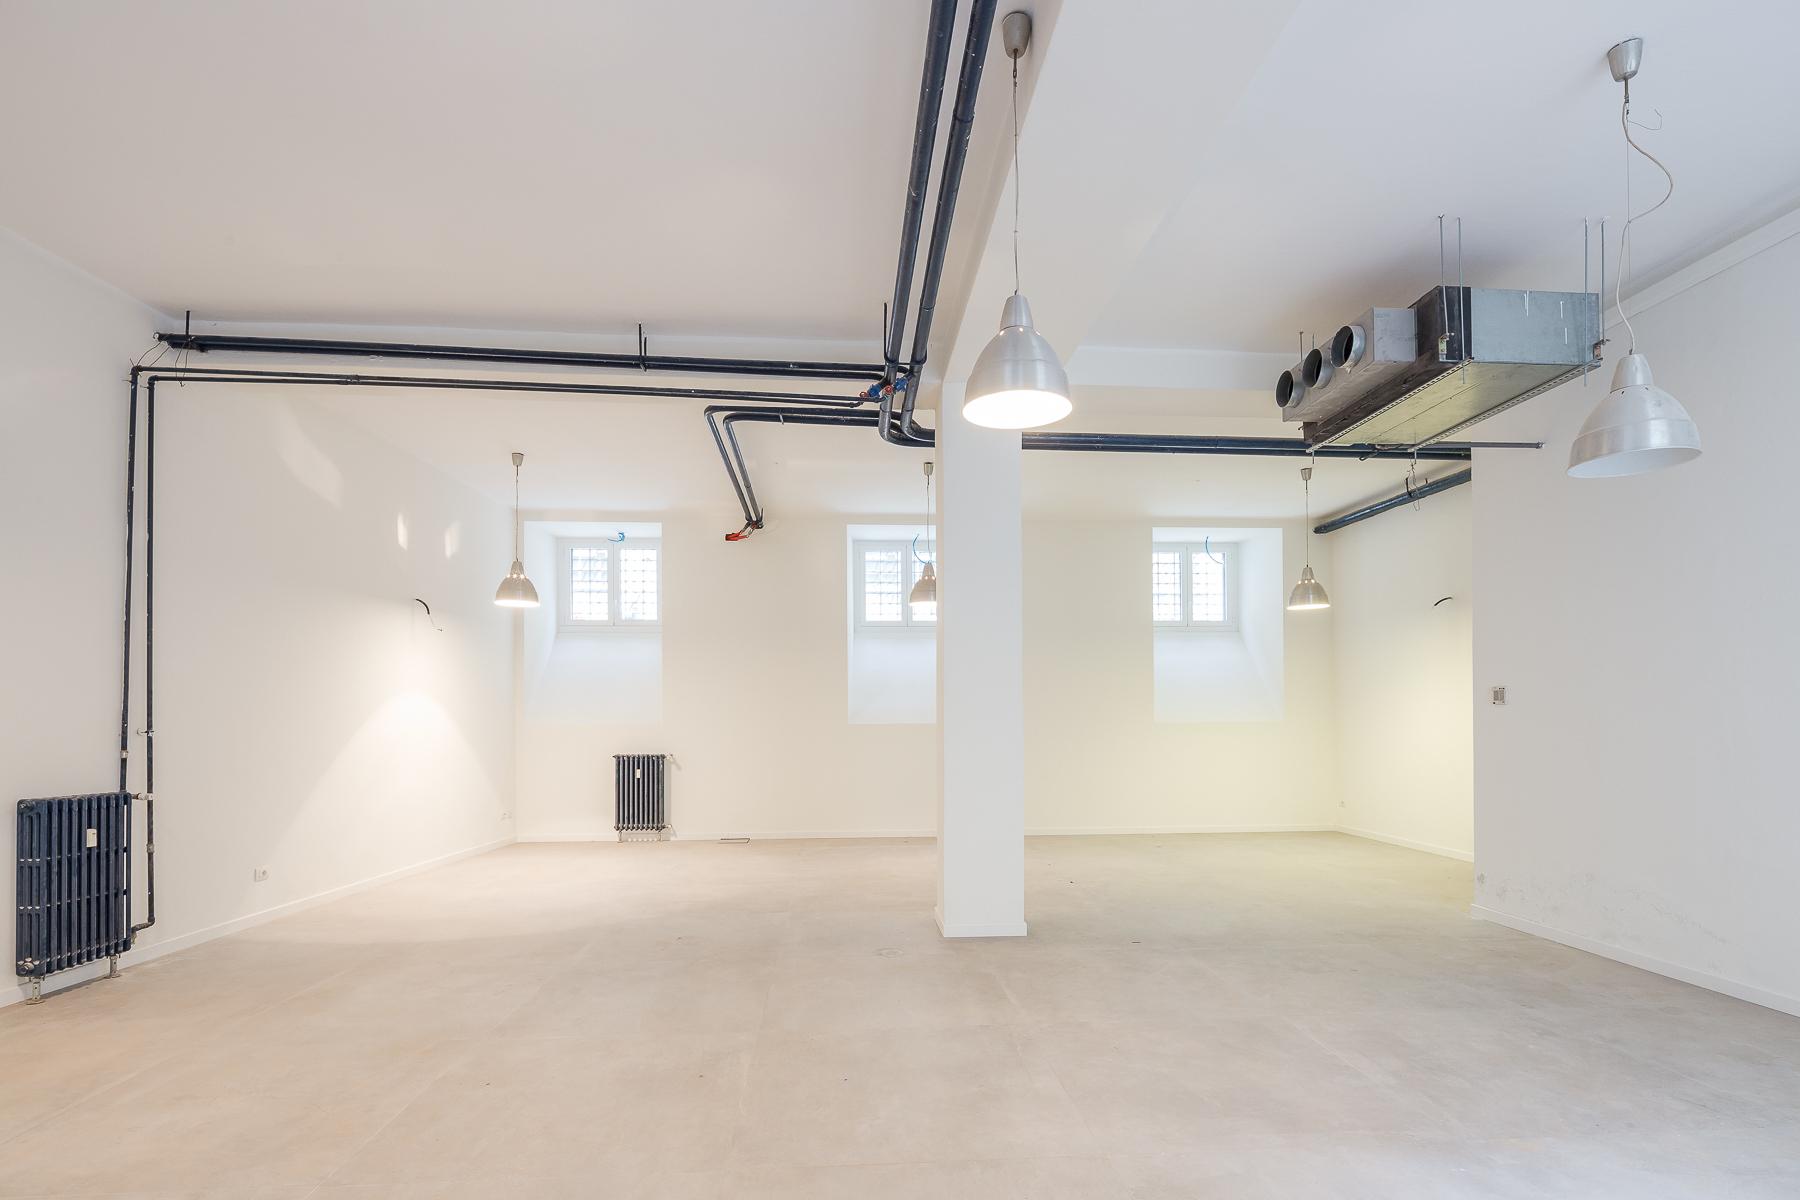 Ufficio-studio in Affitto a Milano via nerino